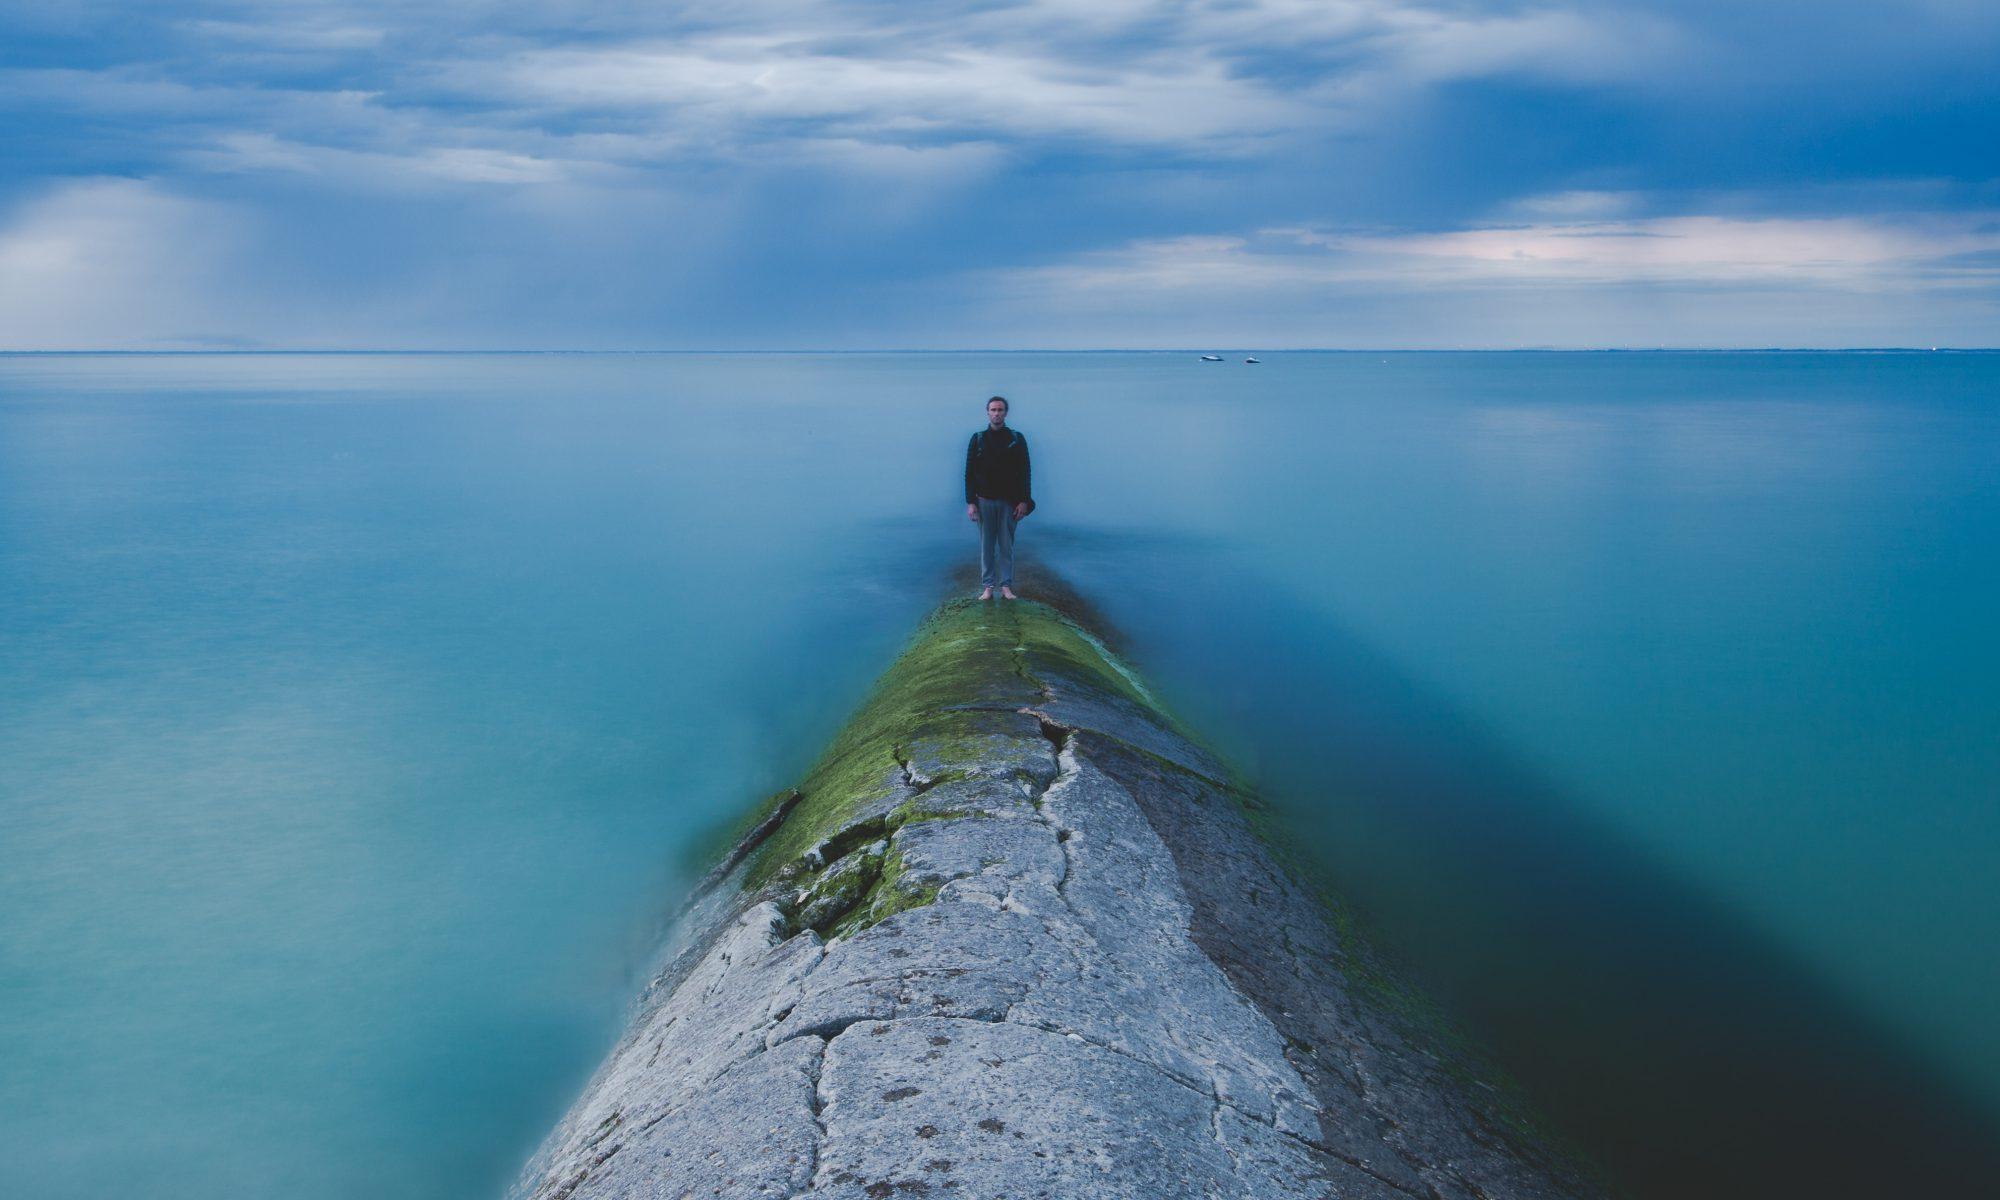 pasos para calmar la mente